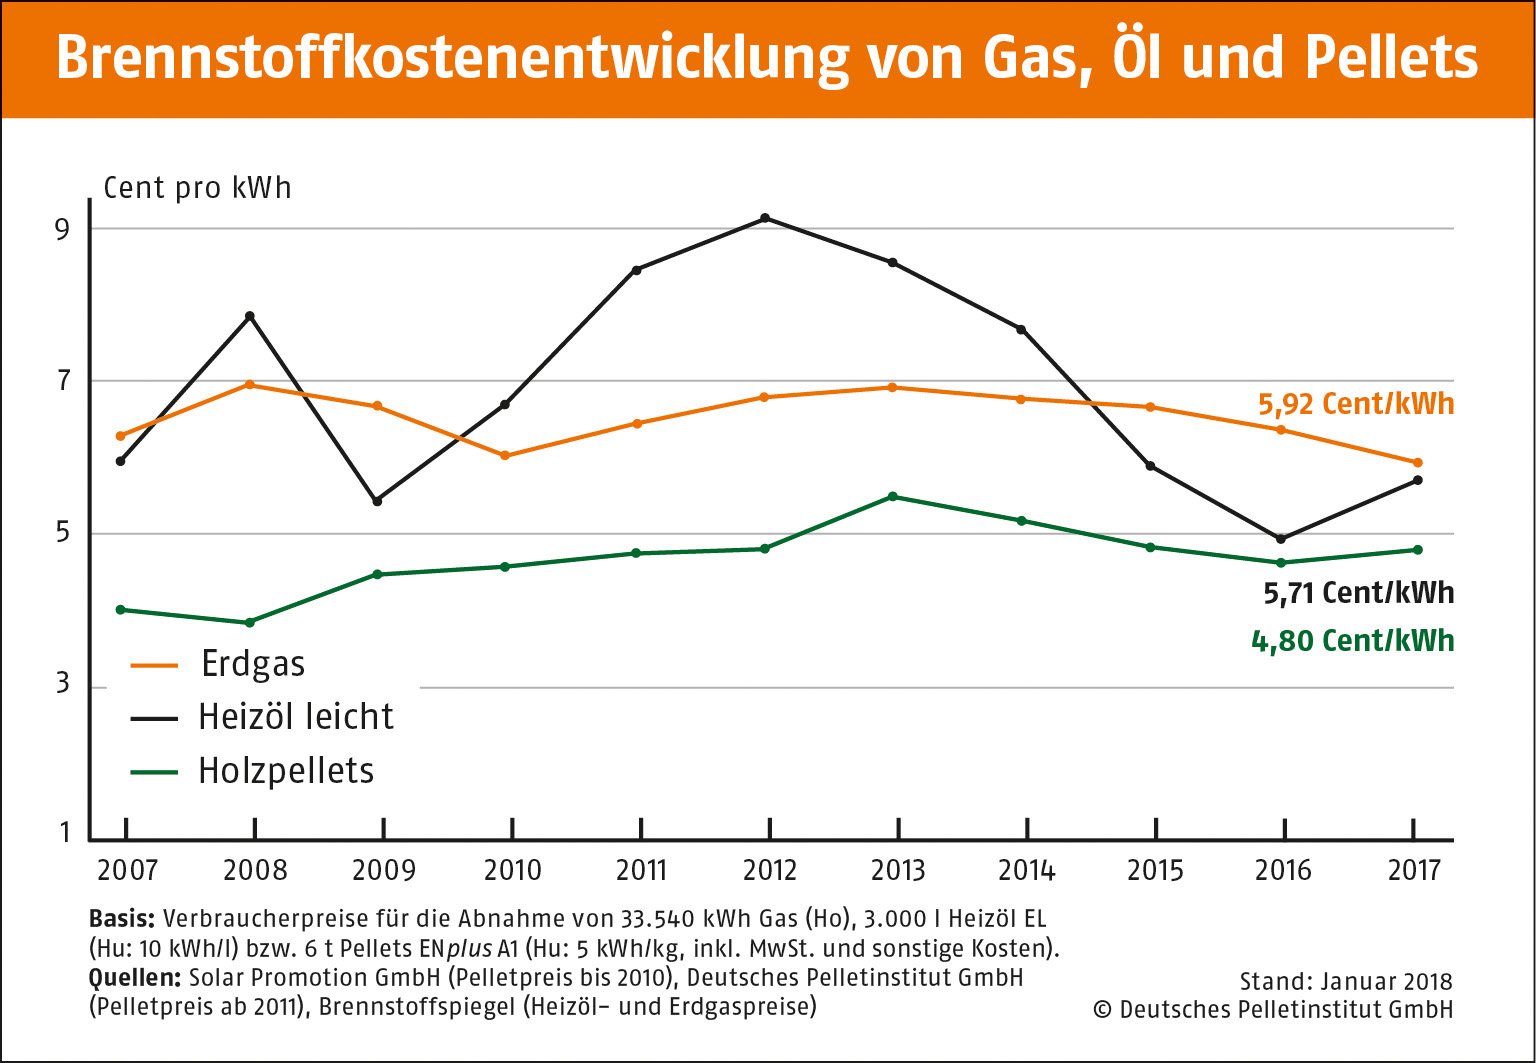 Brennstoffkostenentwicklung von Gas, Öl und Pellets